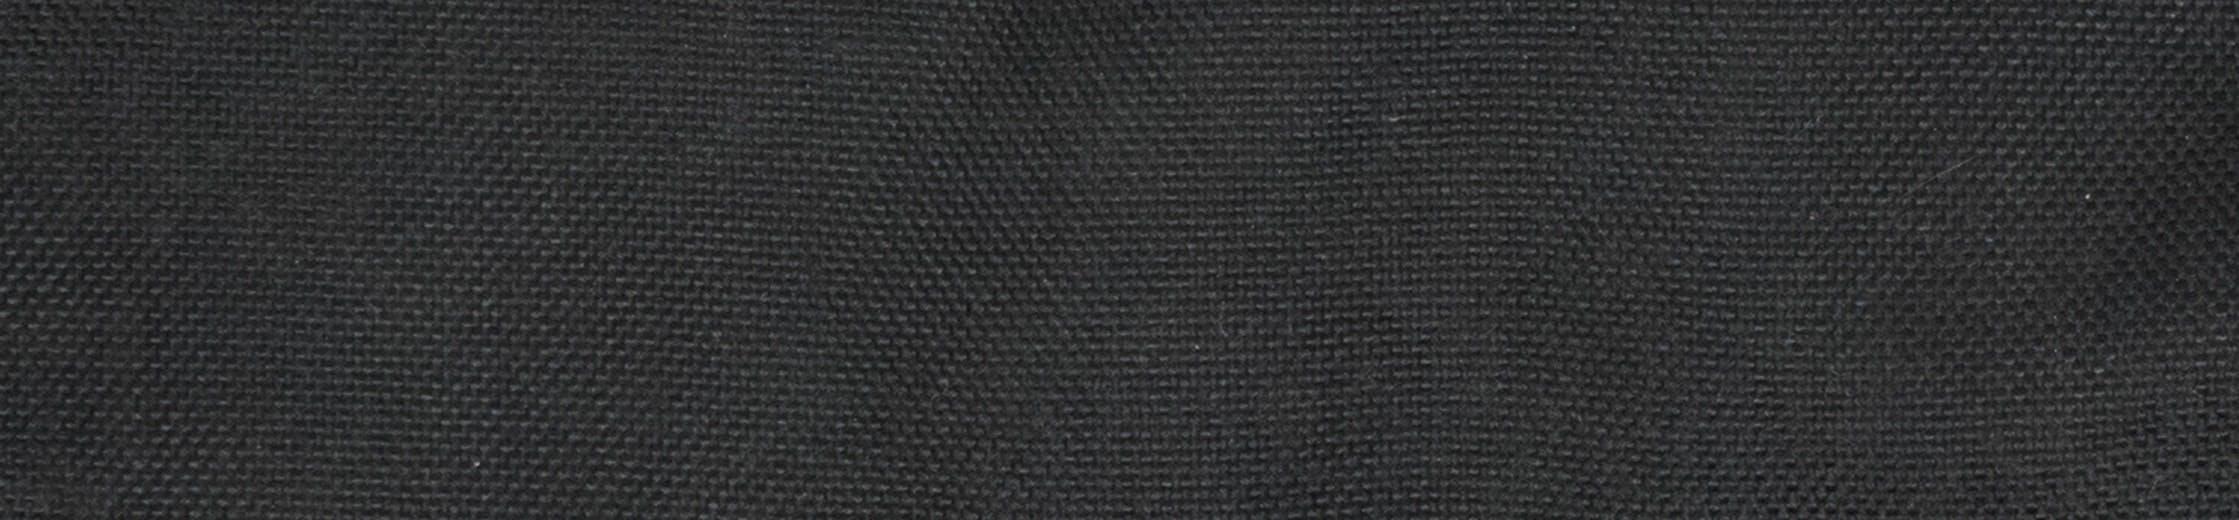 1000D CORDURA® Nylon